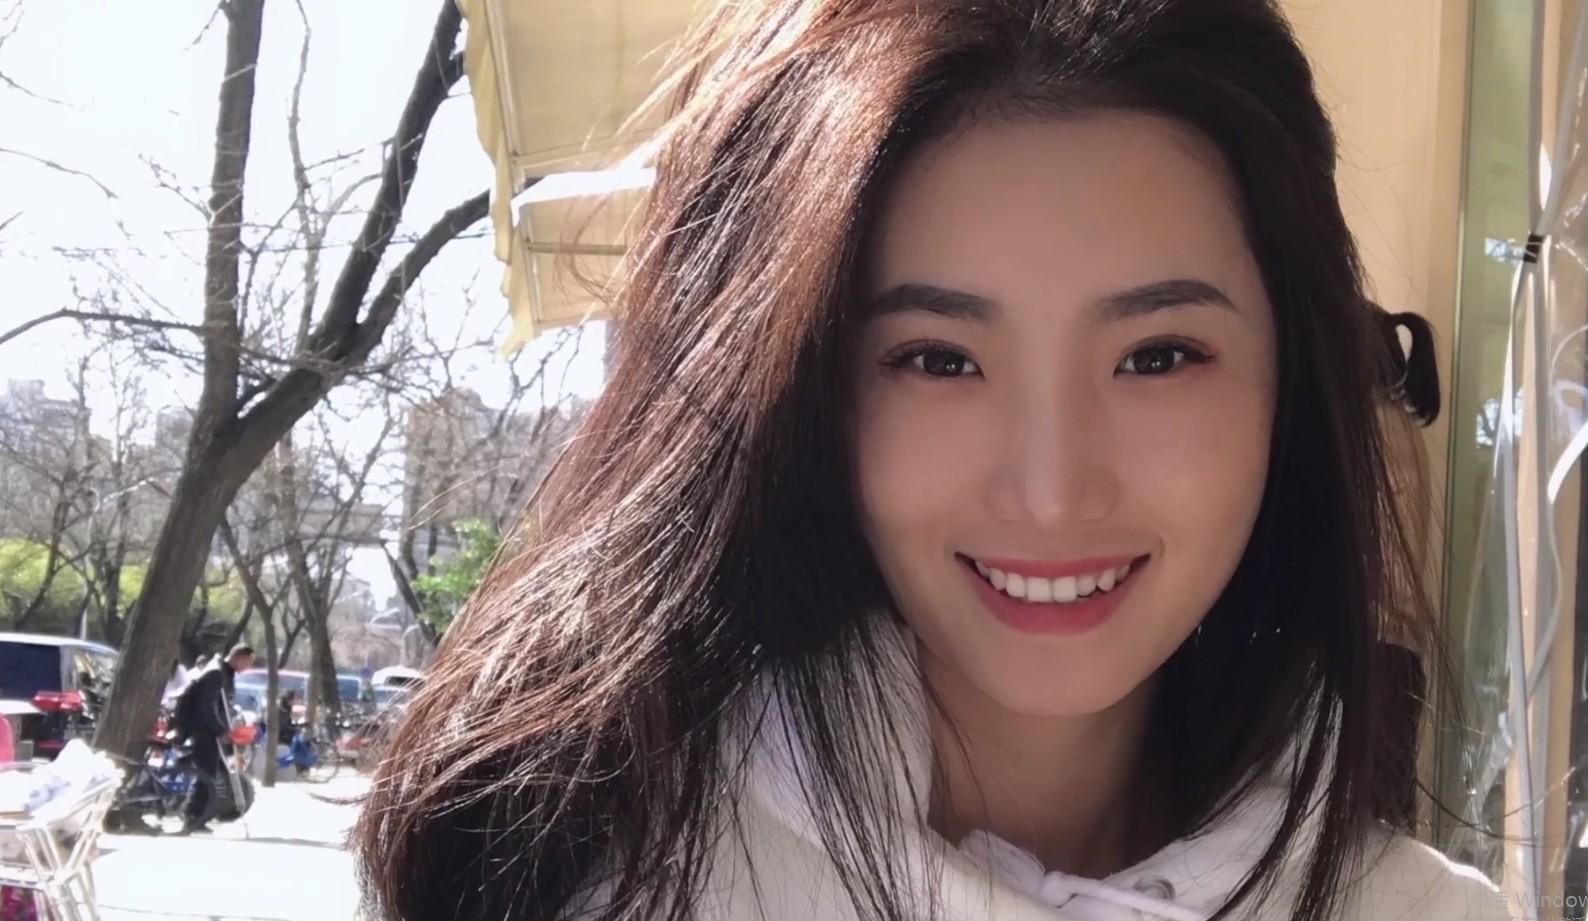 北京嫩模瑶瑶御姐范和男友玩裸体性爱厨房一边做菜一边被玩逼貌似厨艺还不错